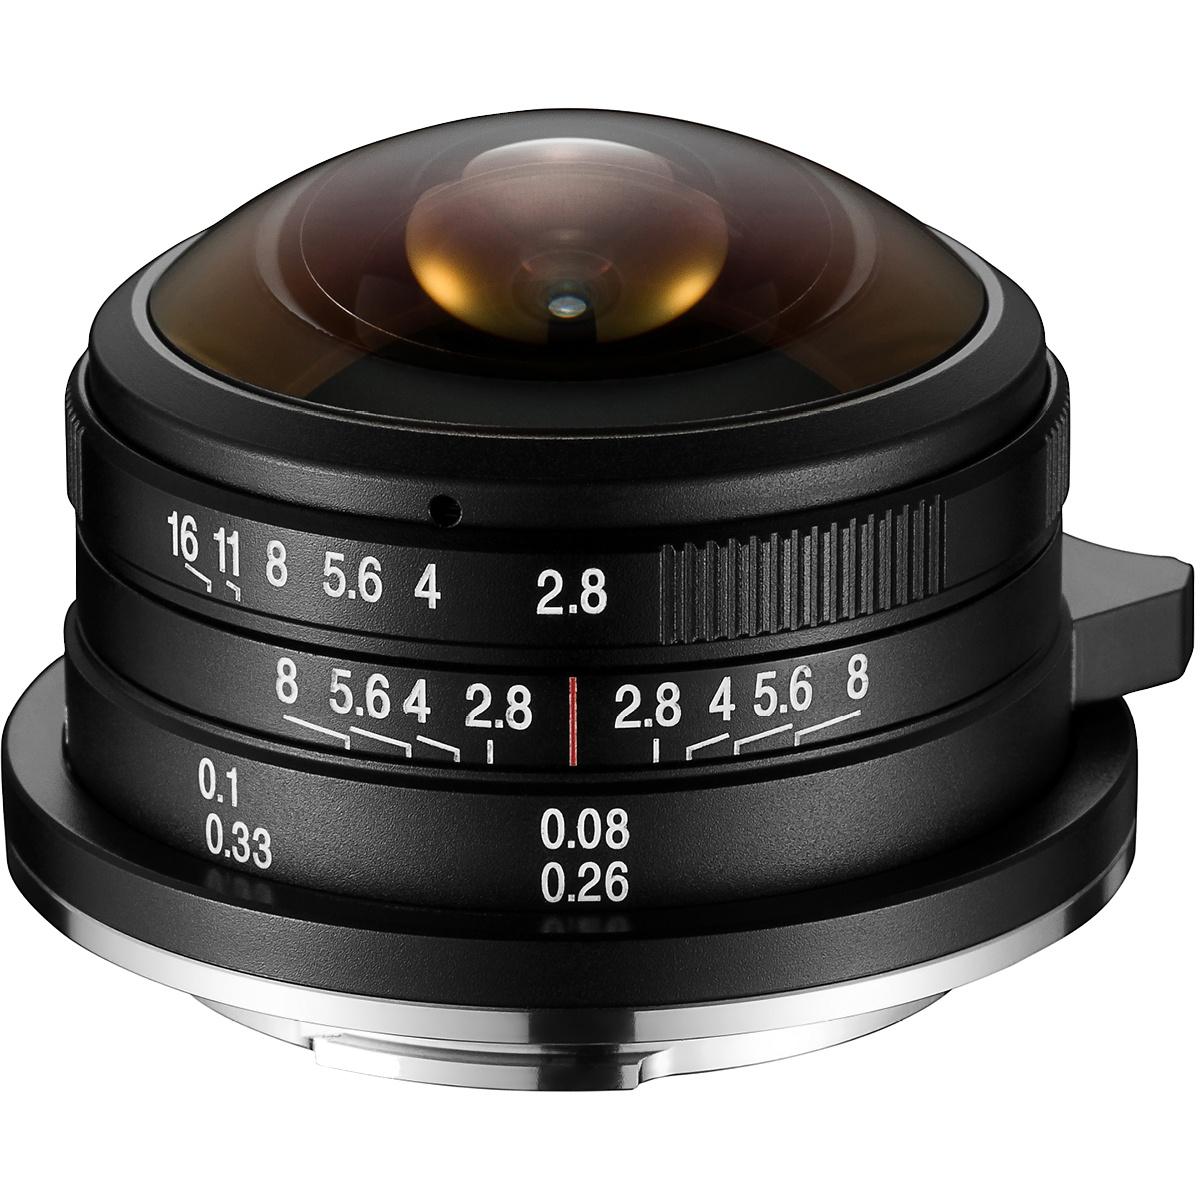 Laowa 4 mm 1:2,8 Fisheye für Fujifilm X